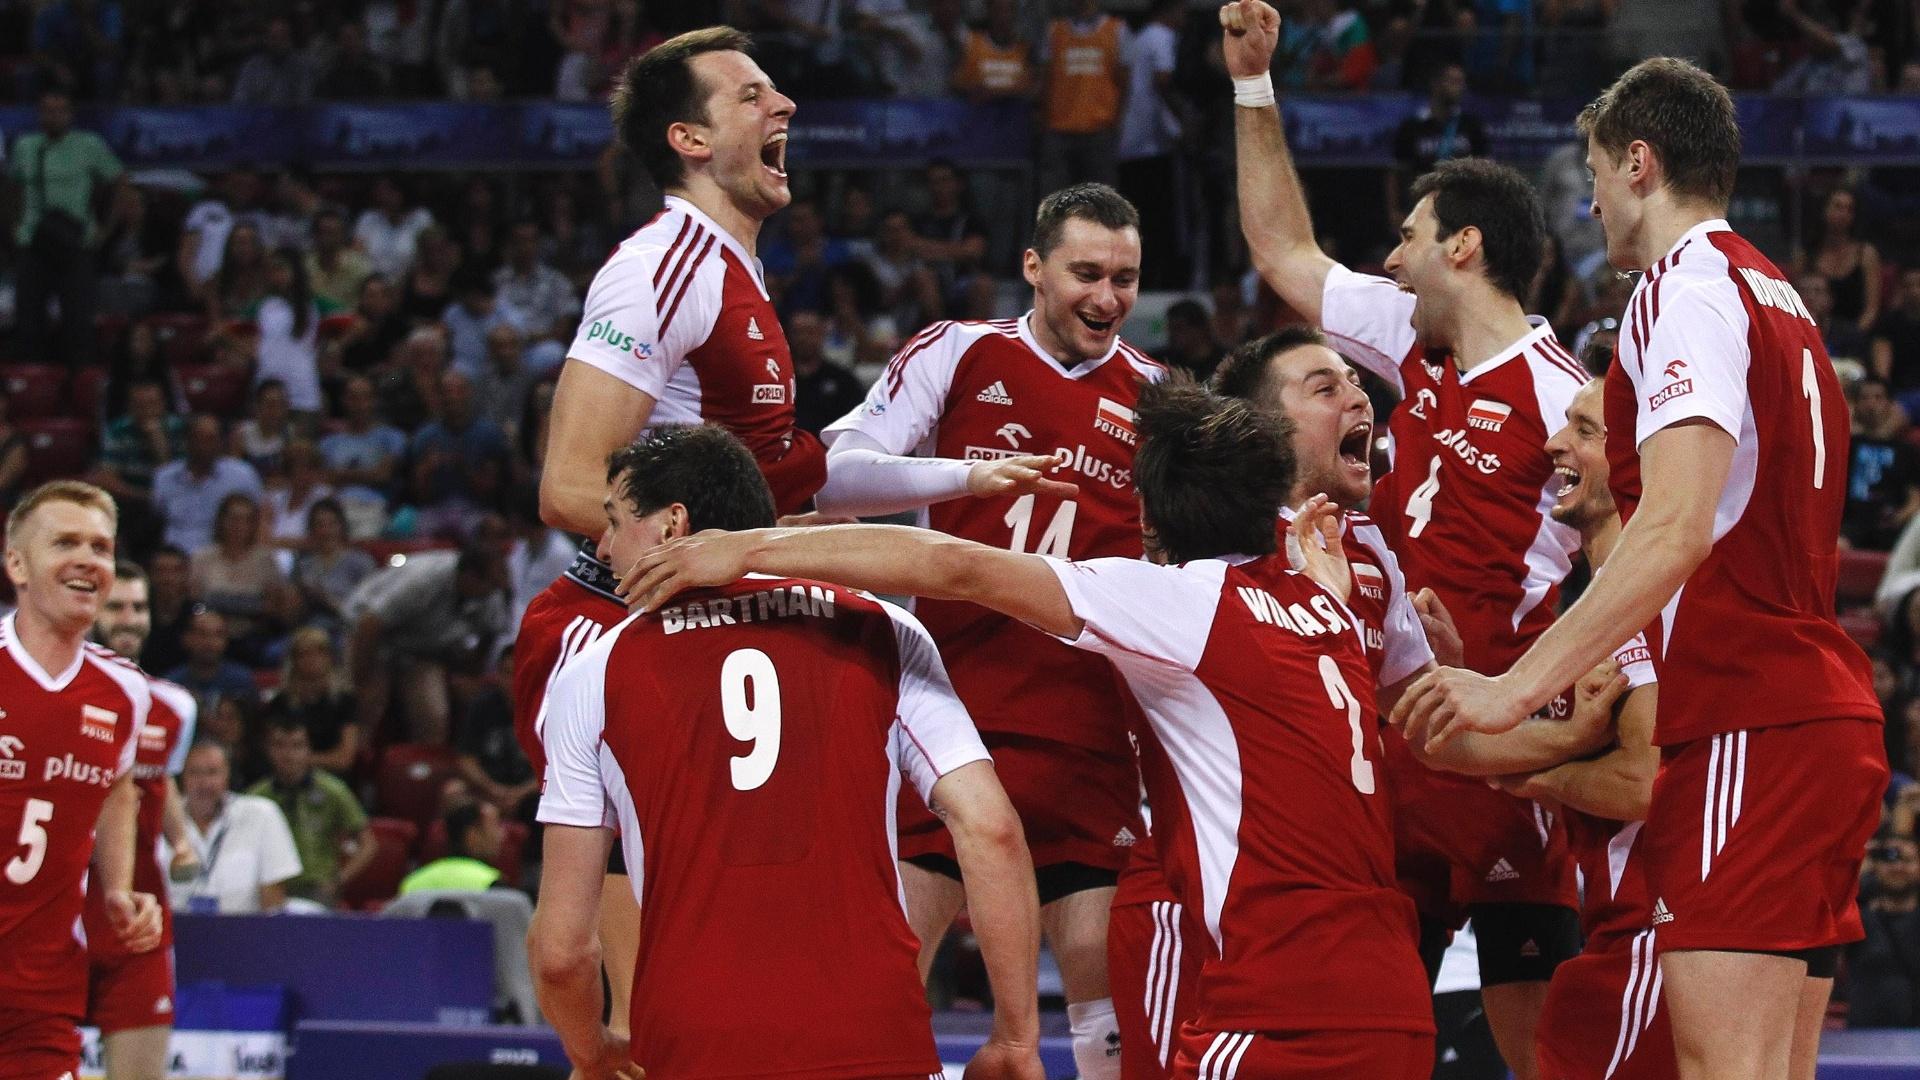 Jogadores da Polônia comemoram título inédito da Liga Mundial de vôlei